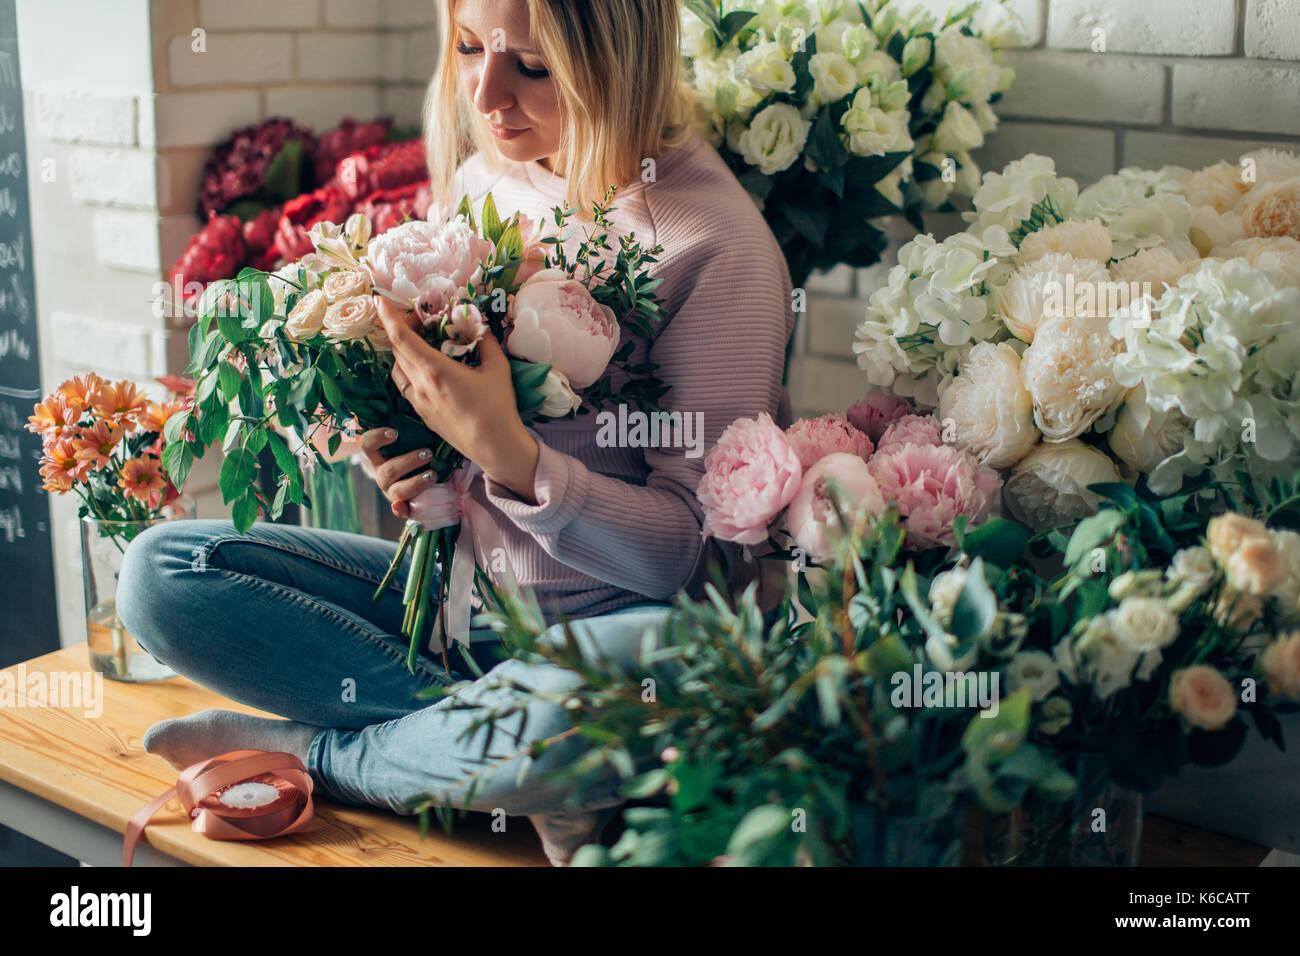 Floristería en daylight. Mujer sosteniendo precioso ramo de flores. floristería con su trabajo. Foto de licitación Foto de stock